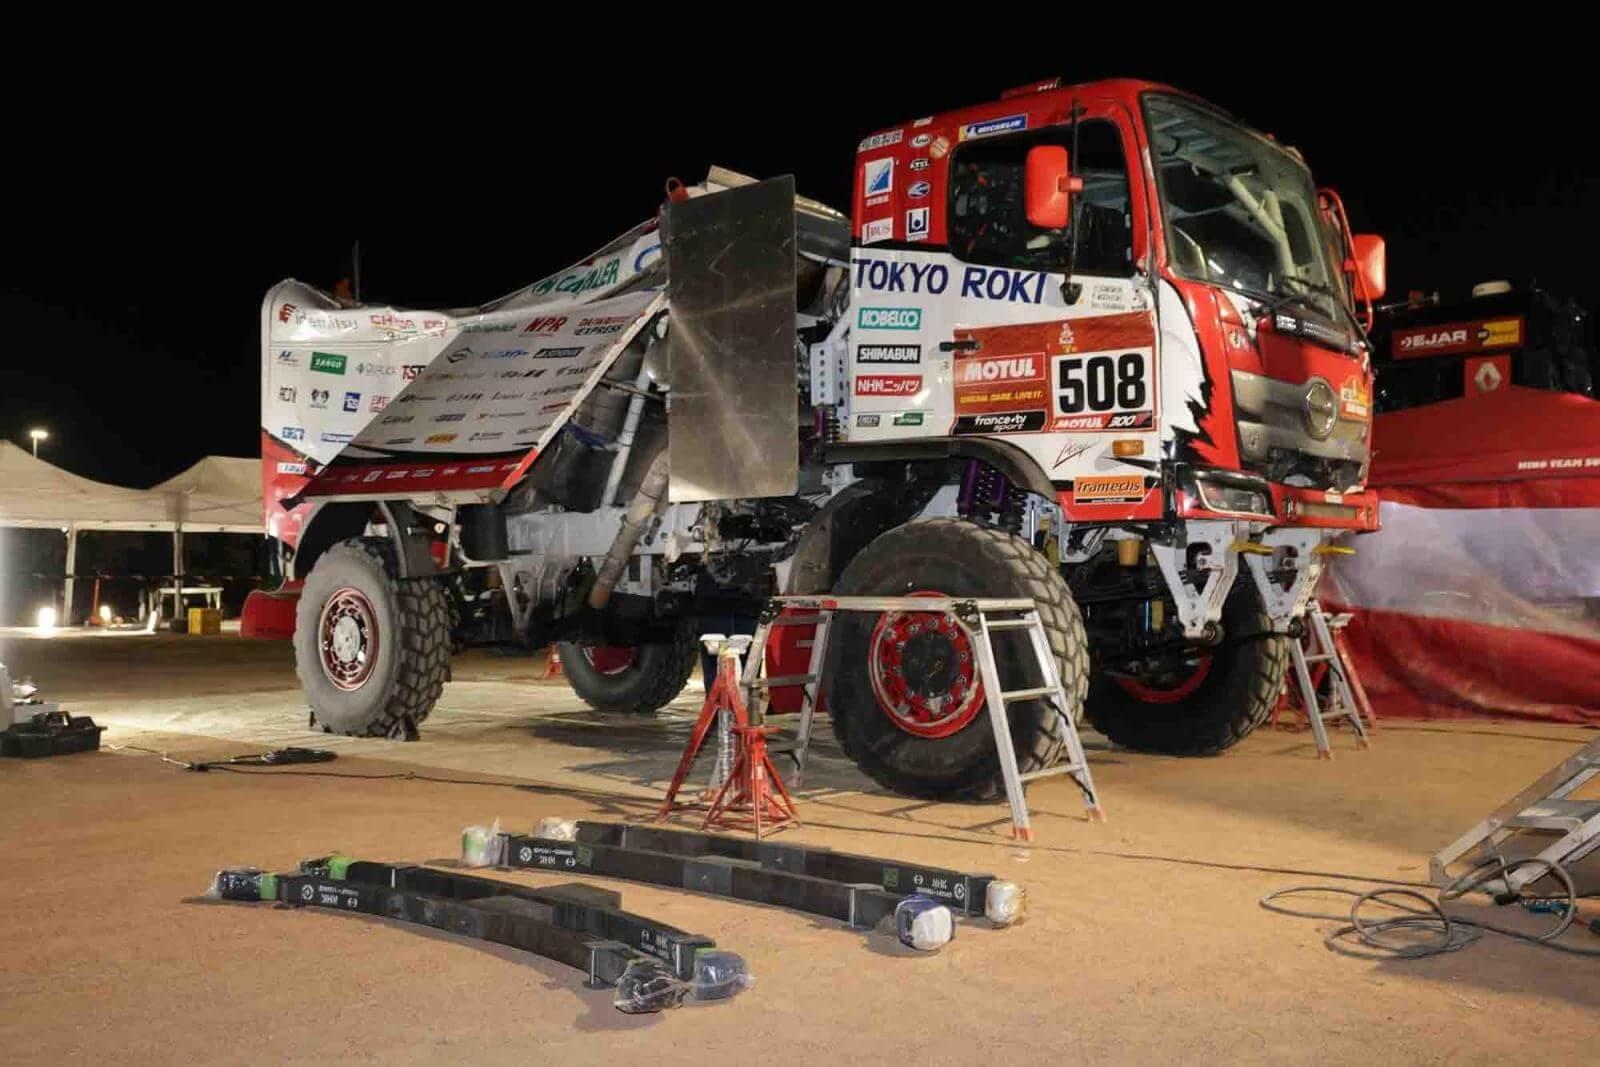 Dakar Rally Hino Truck